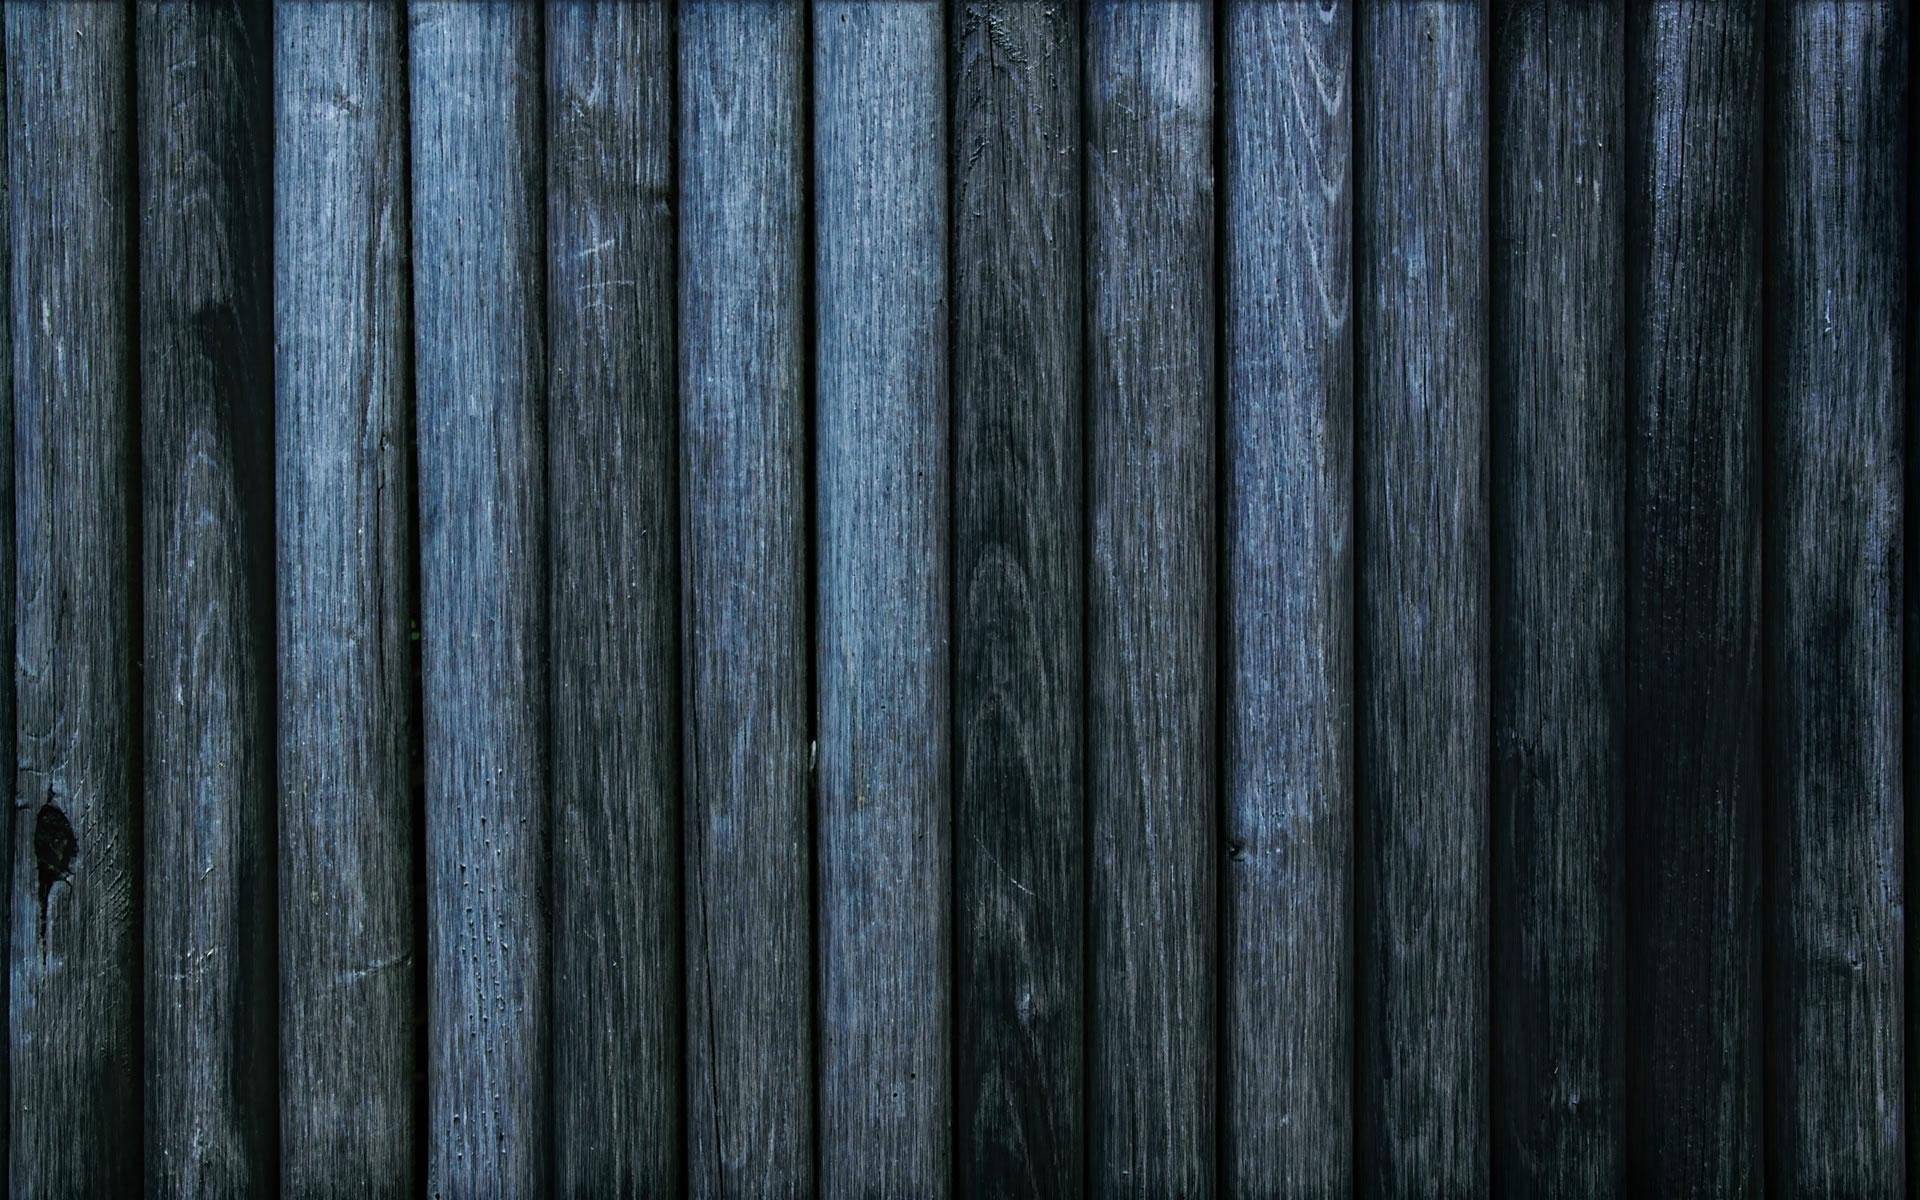 Textura de Maderas